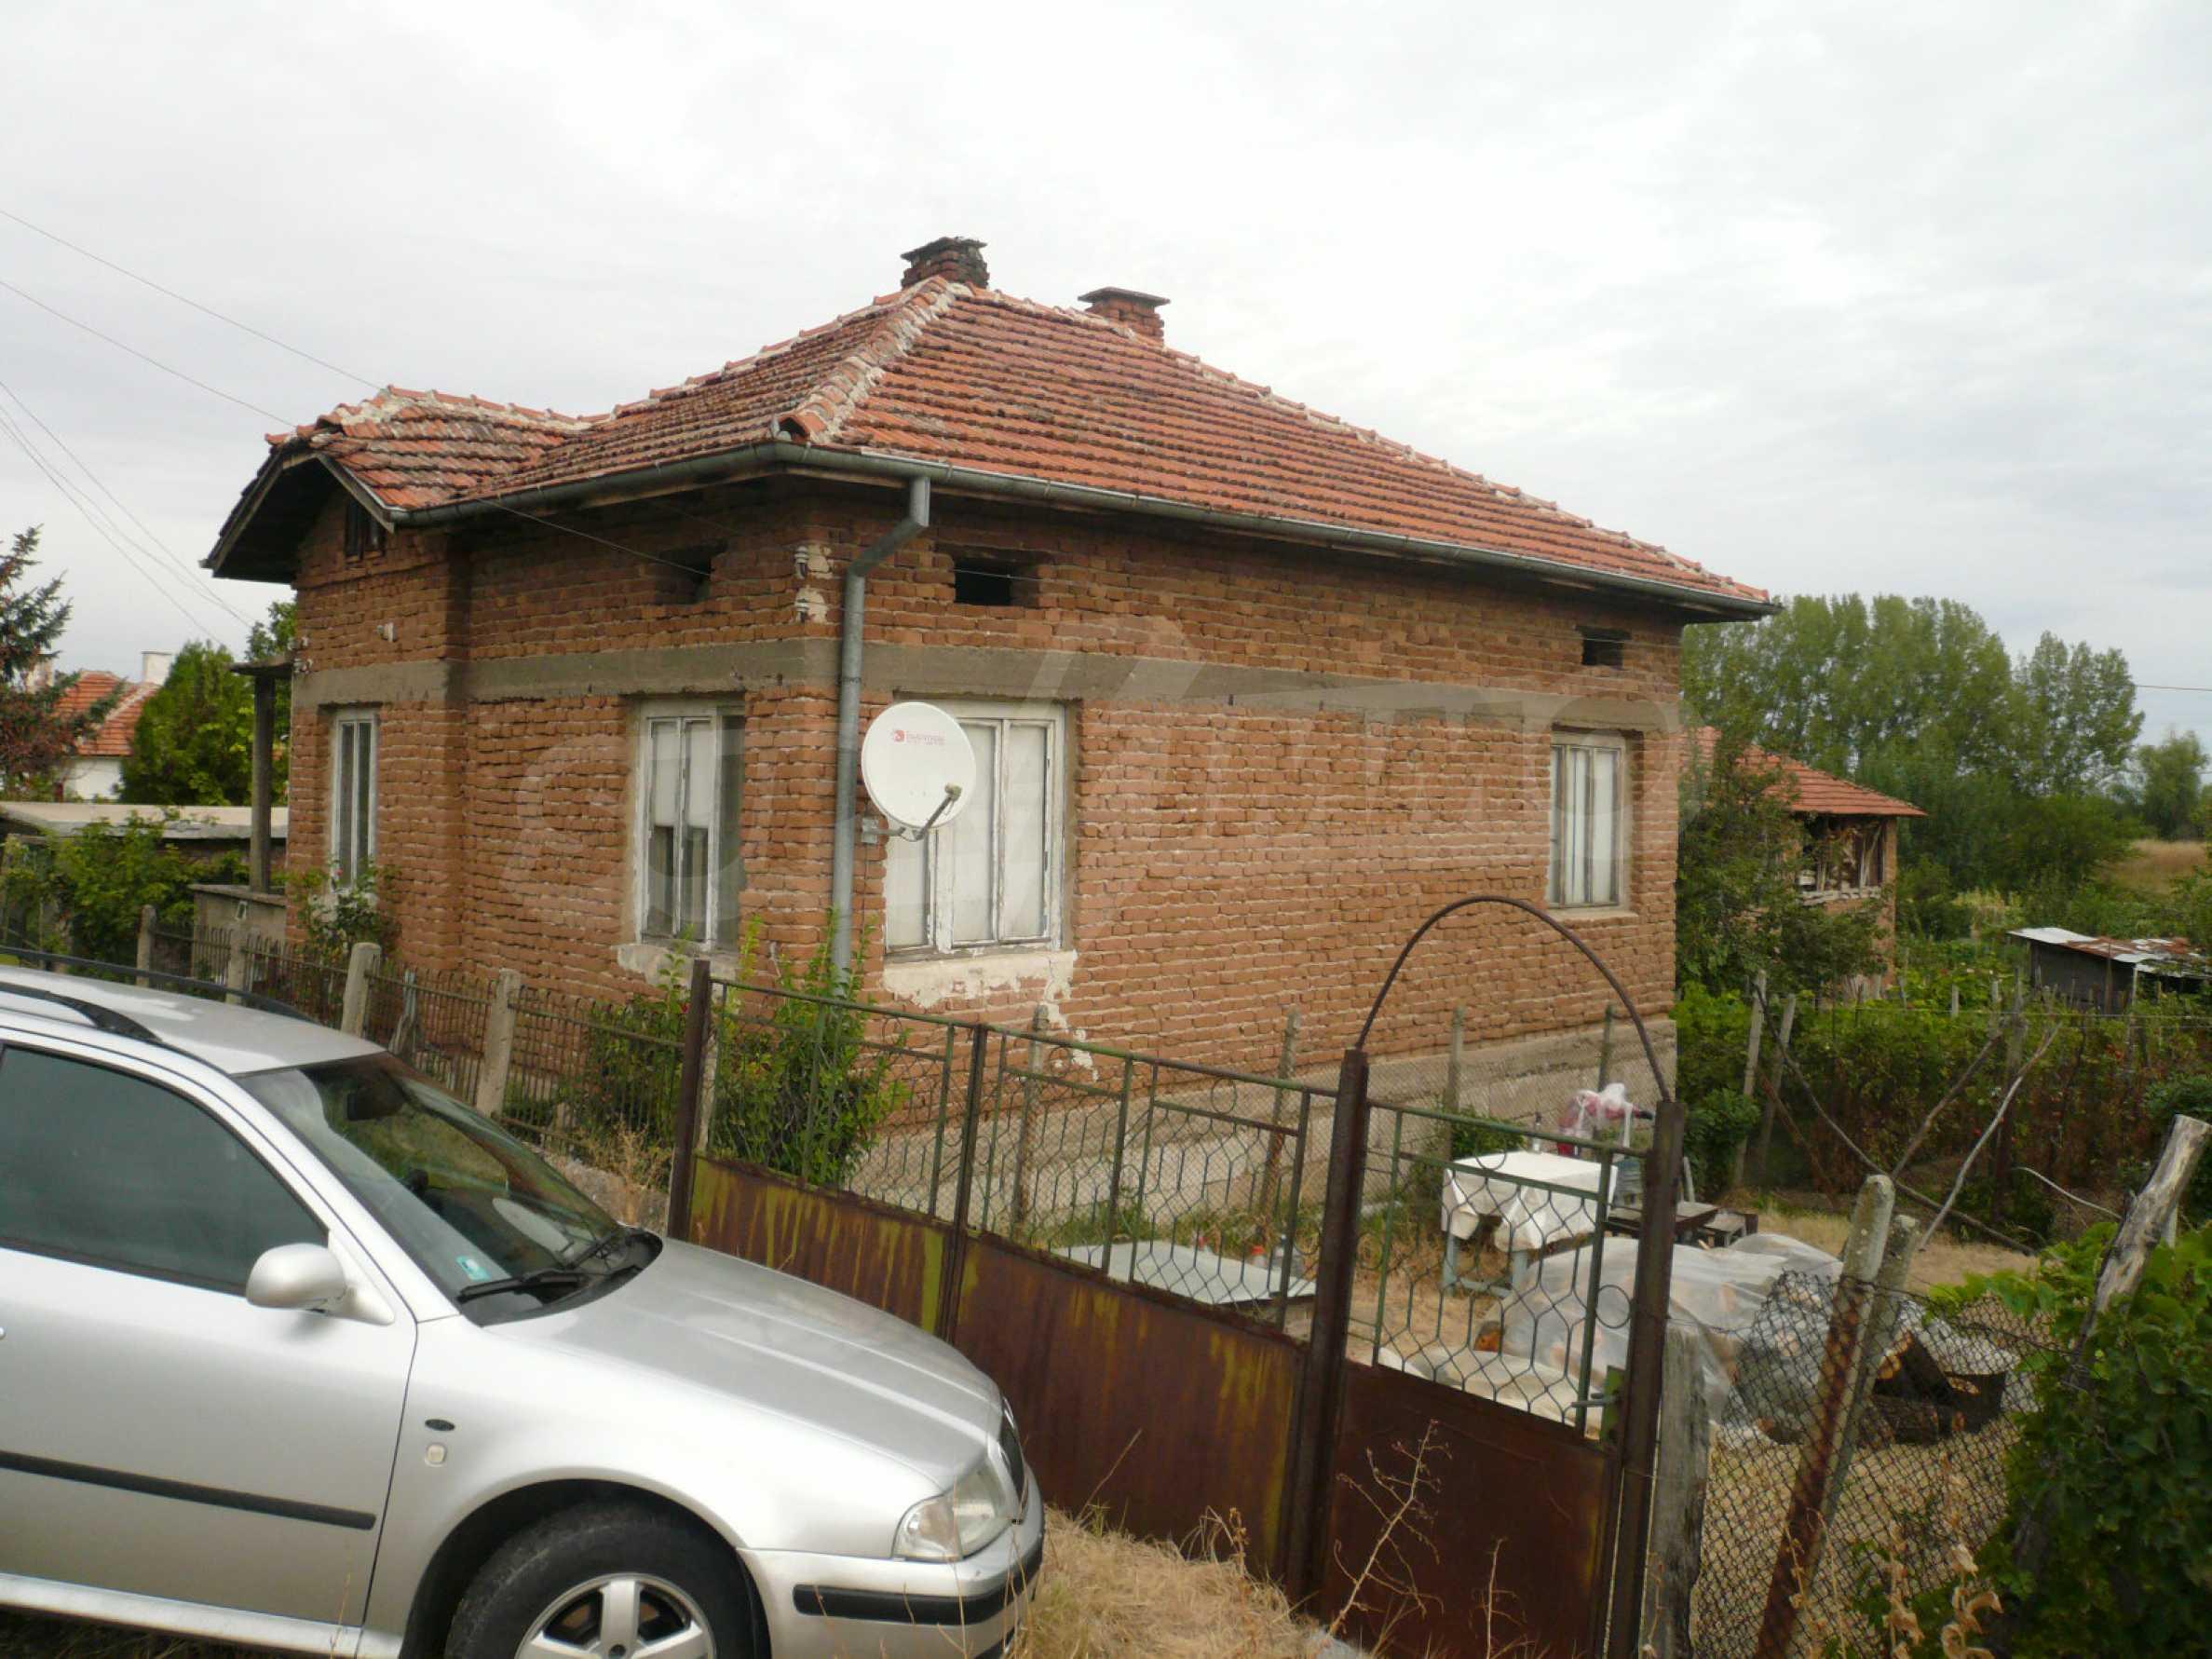 Einfamilienhaus mit Hof in der Nähe der Donau 3